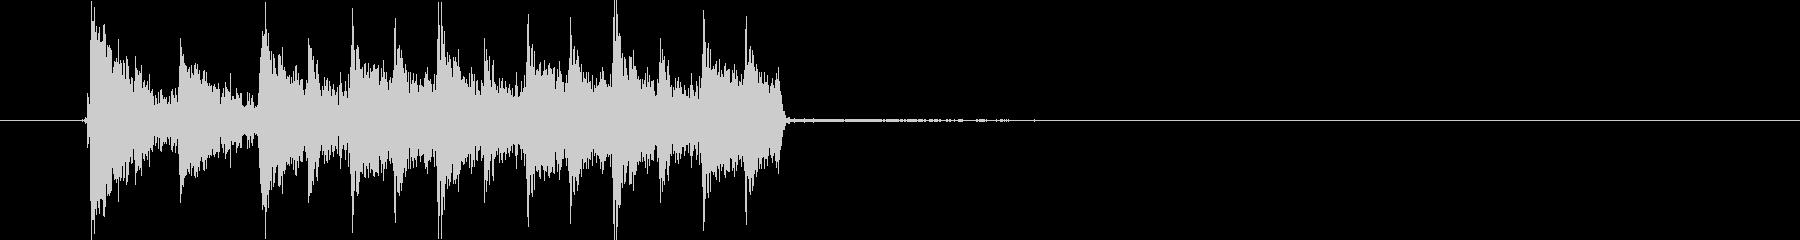 宇宙系テクノ音短め(シリアス、ダンス)の未再生の波形